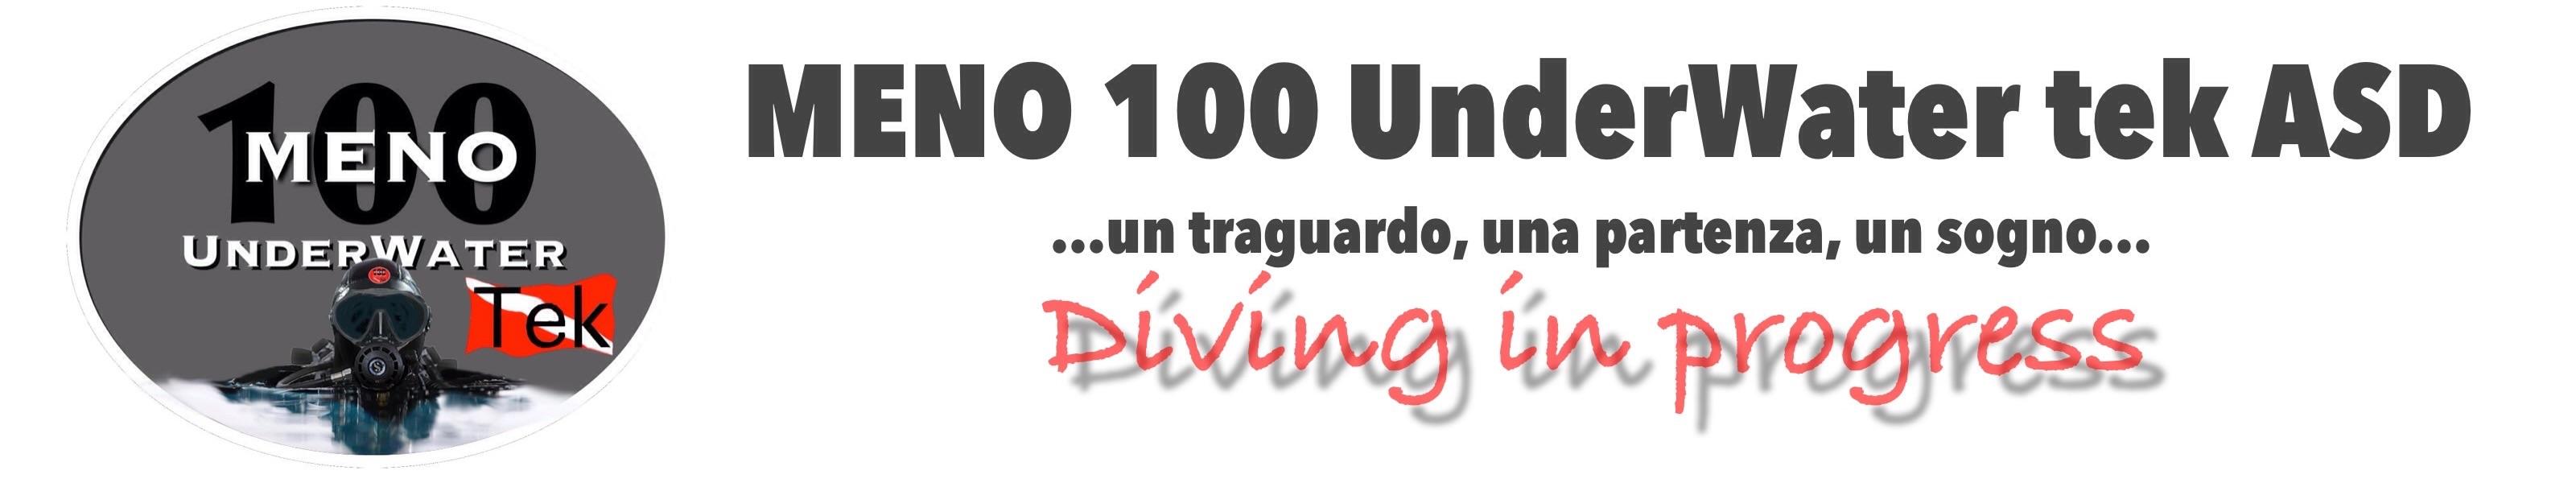 Meno 100 UnderWater tek ASD